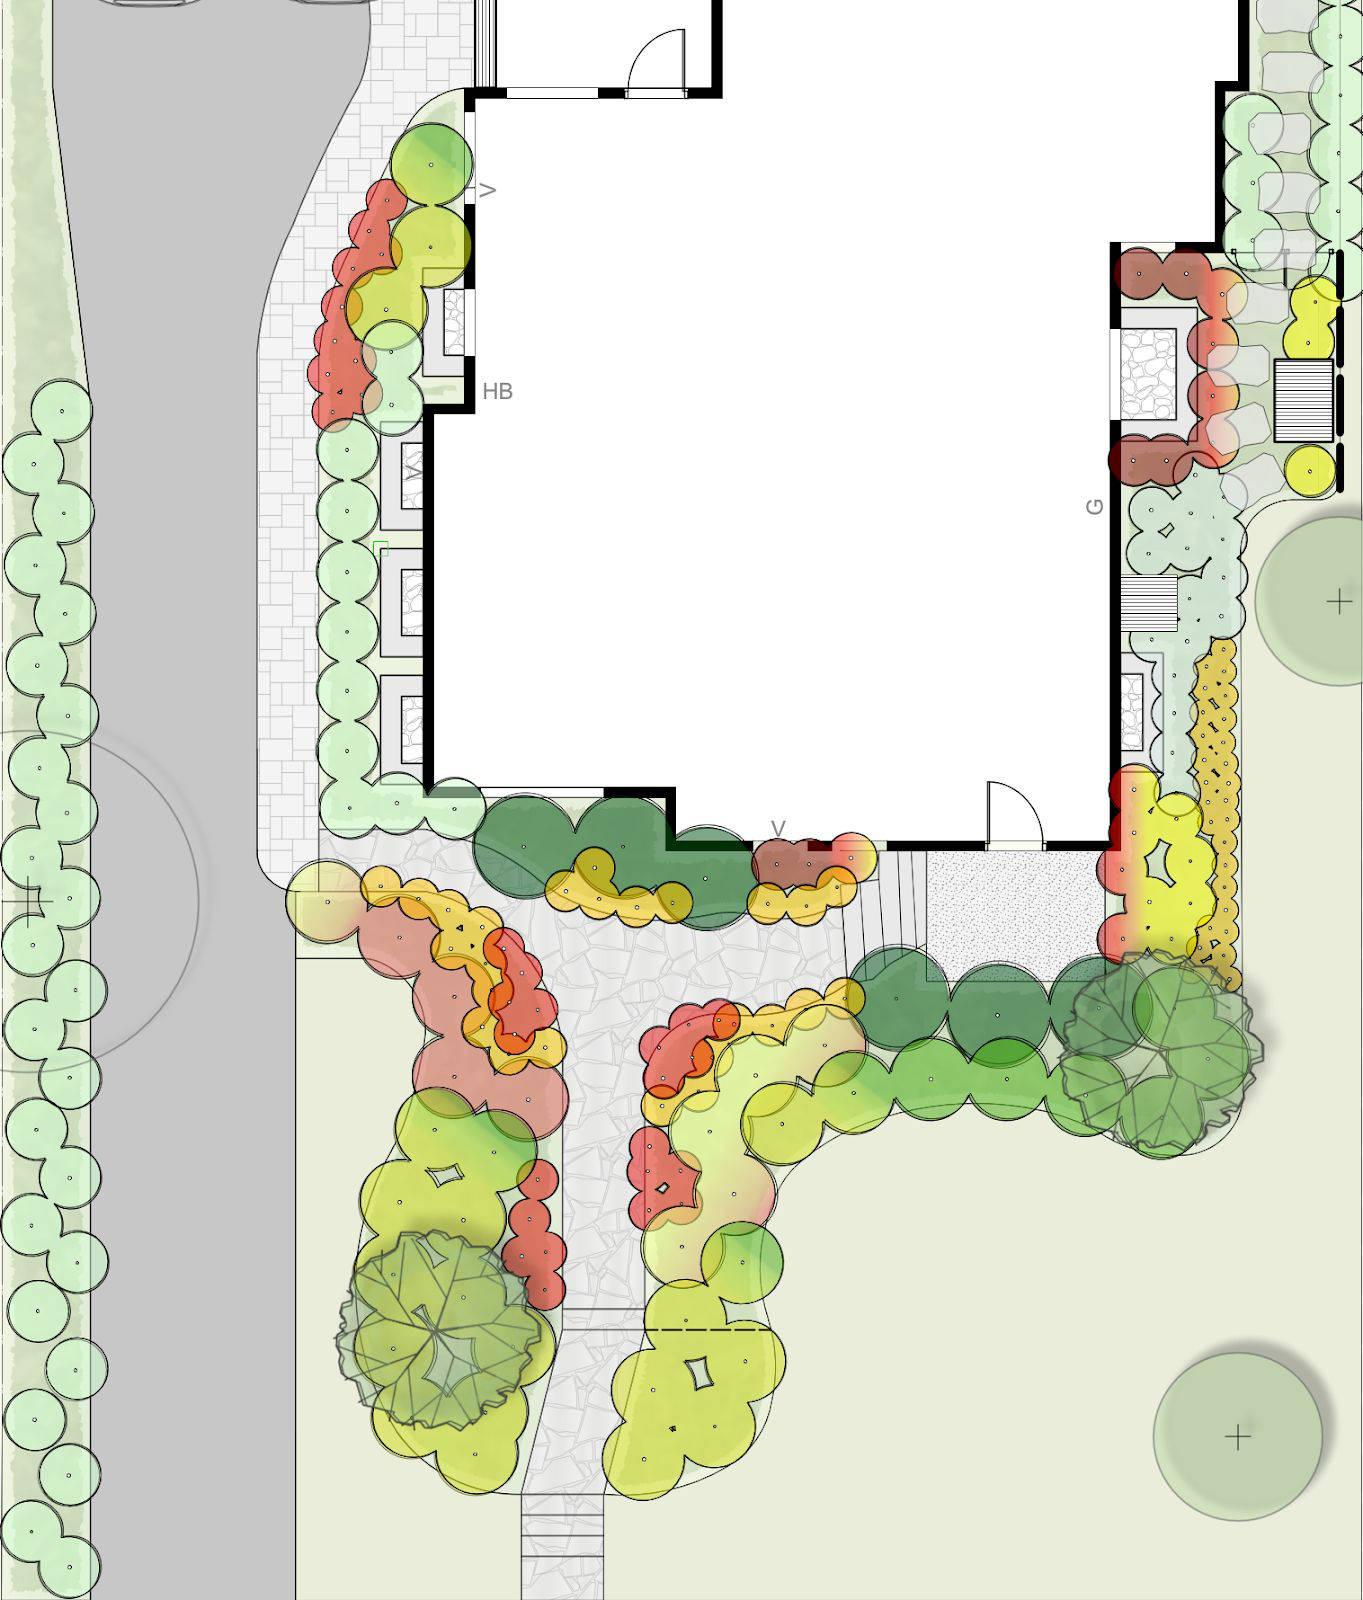 A landscape design layout.